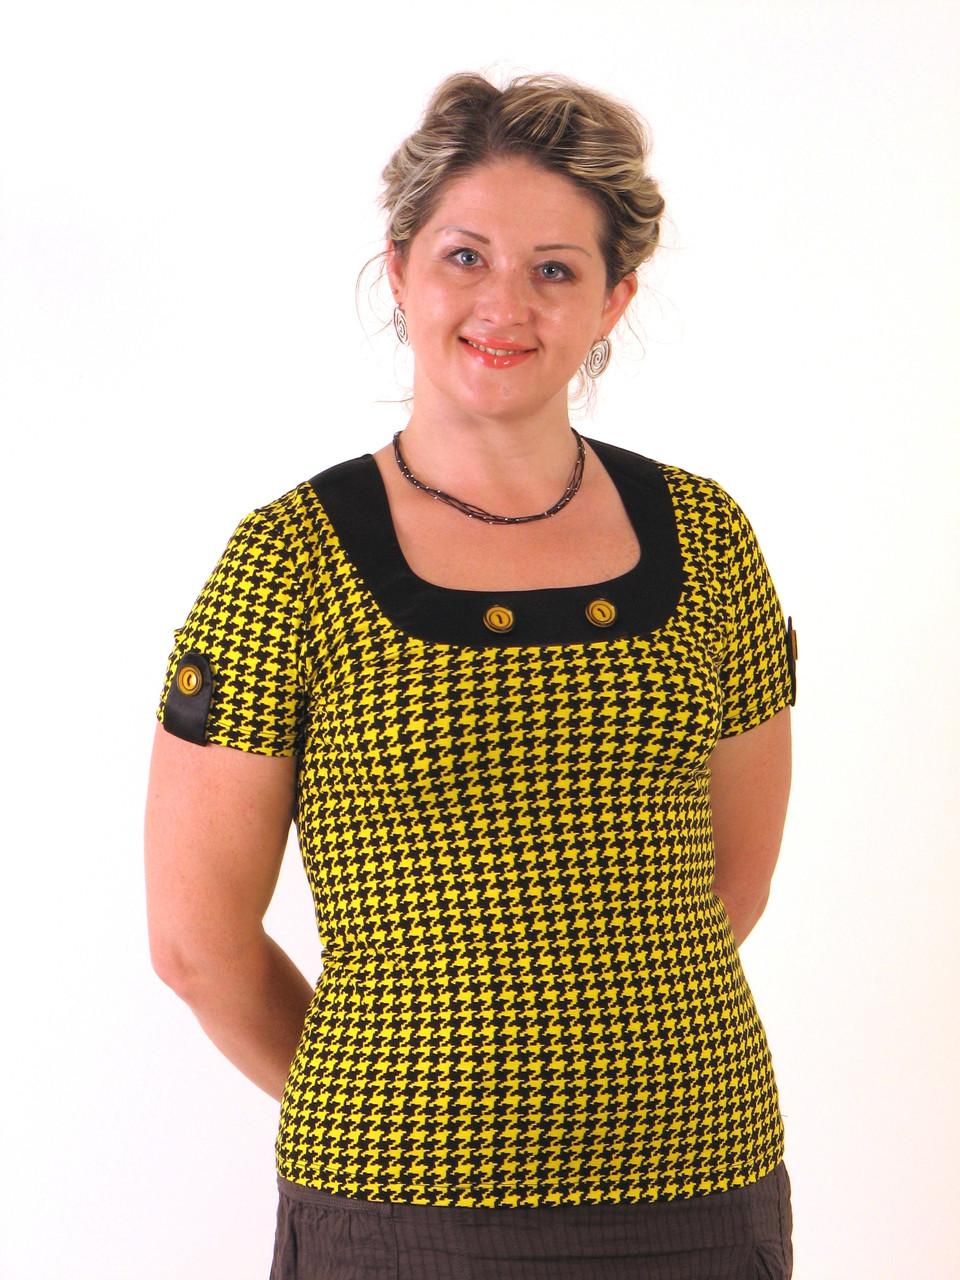 Кофточка блузка желтая трикотажная с пуговицами на кокетке . БЛ 575440